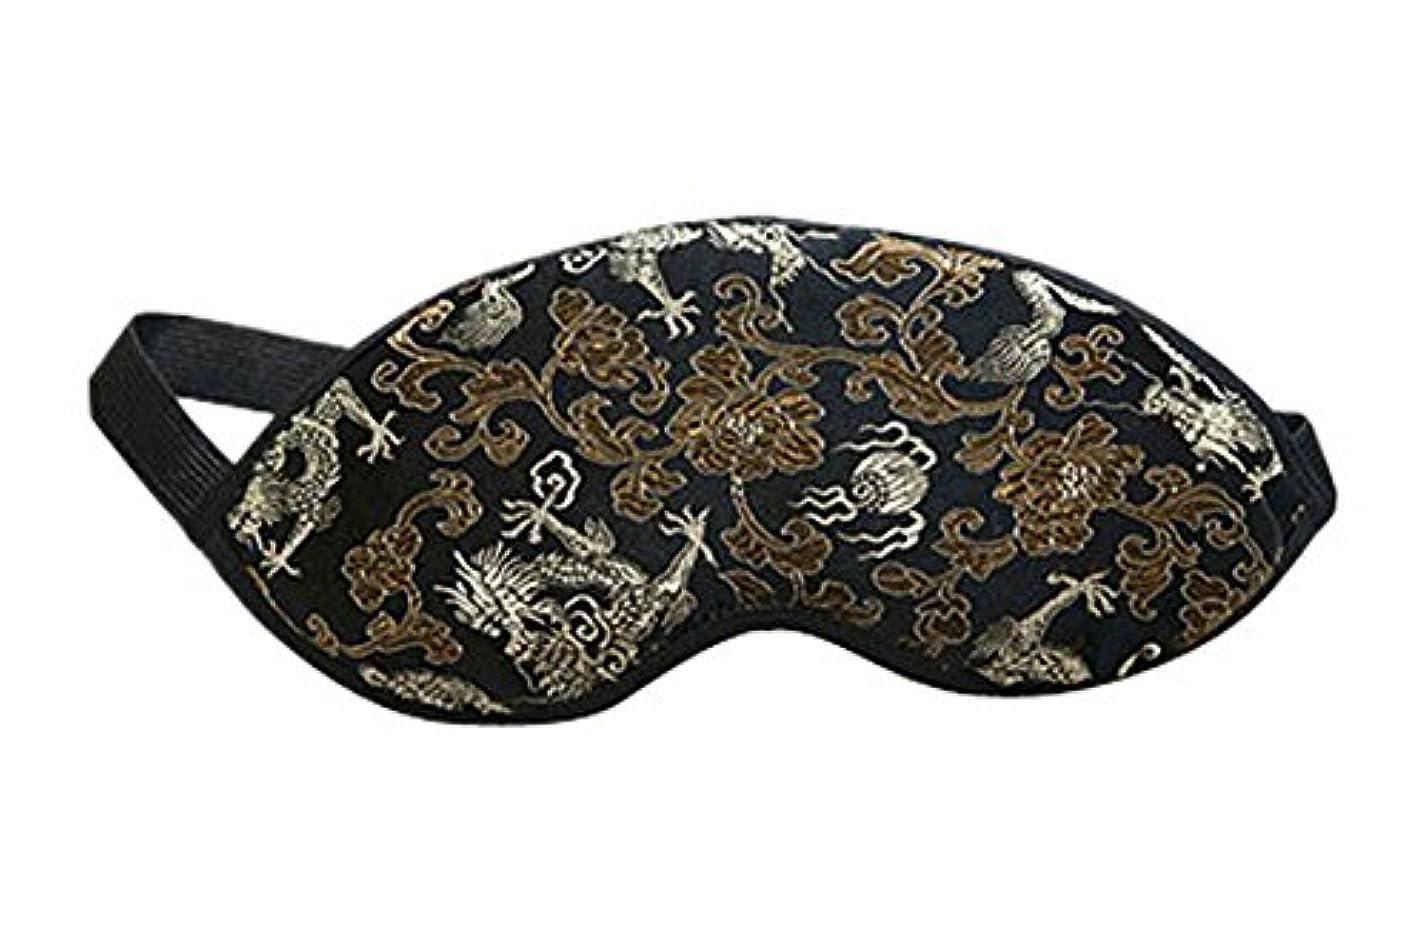 条件付き同行滑りやすいスリープドラゴン用の刺繍ドラゴンソフトシルクアイマスク